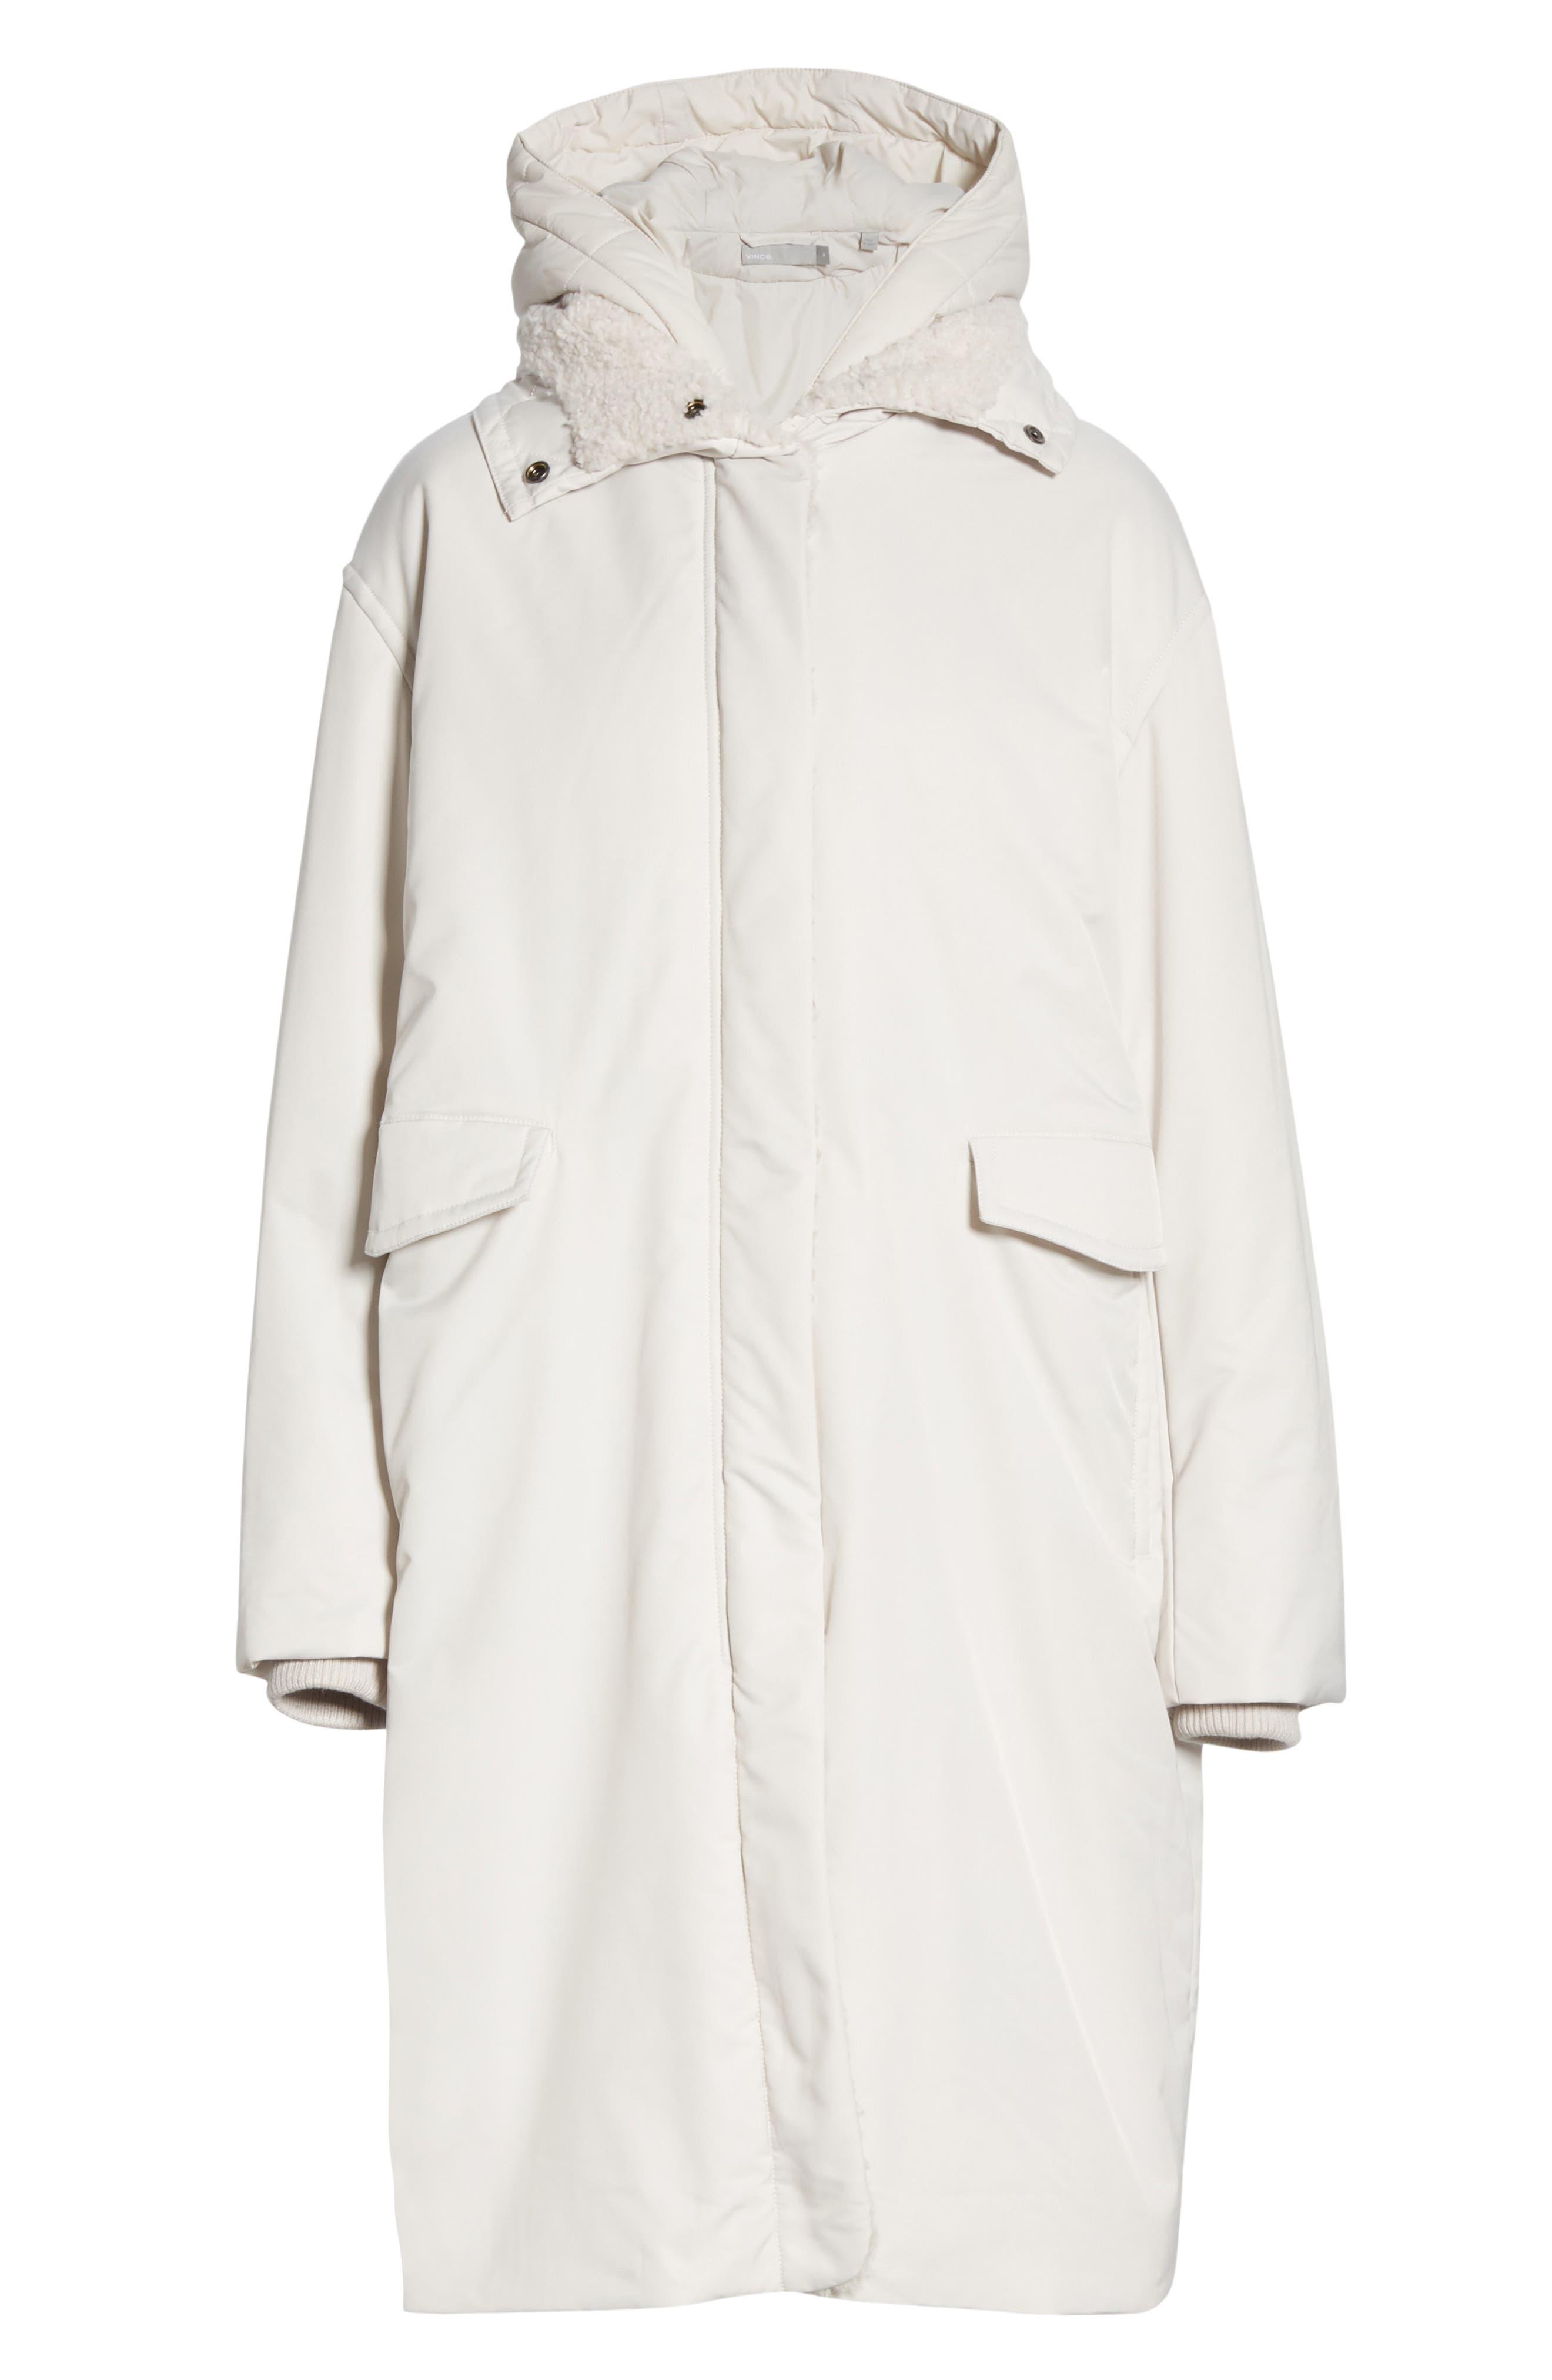 VINCE, Faux Fur Trim Puffer Coat, Alternate thumbnail 5, color, LUCITE